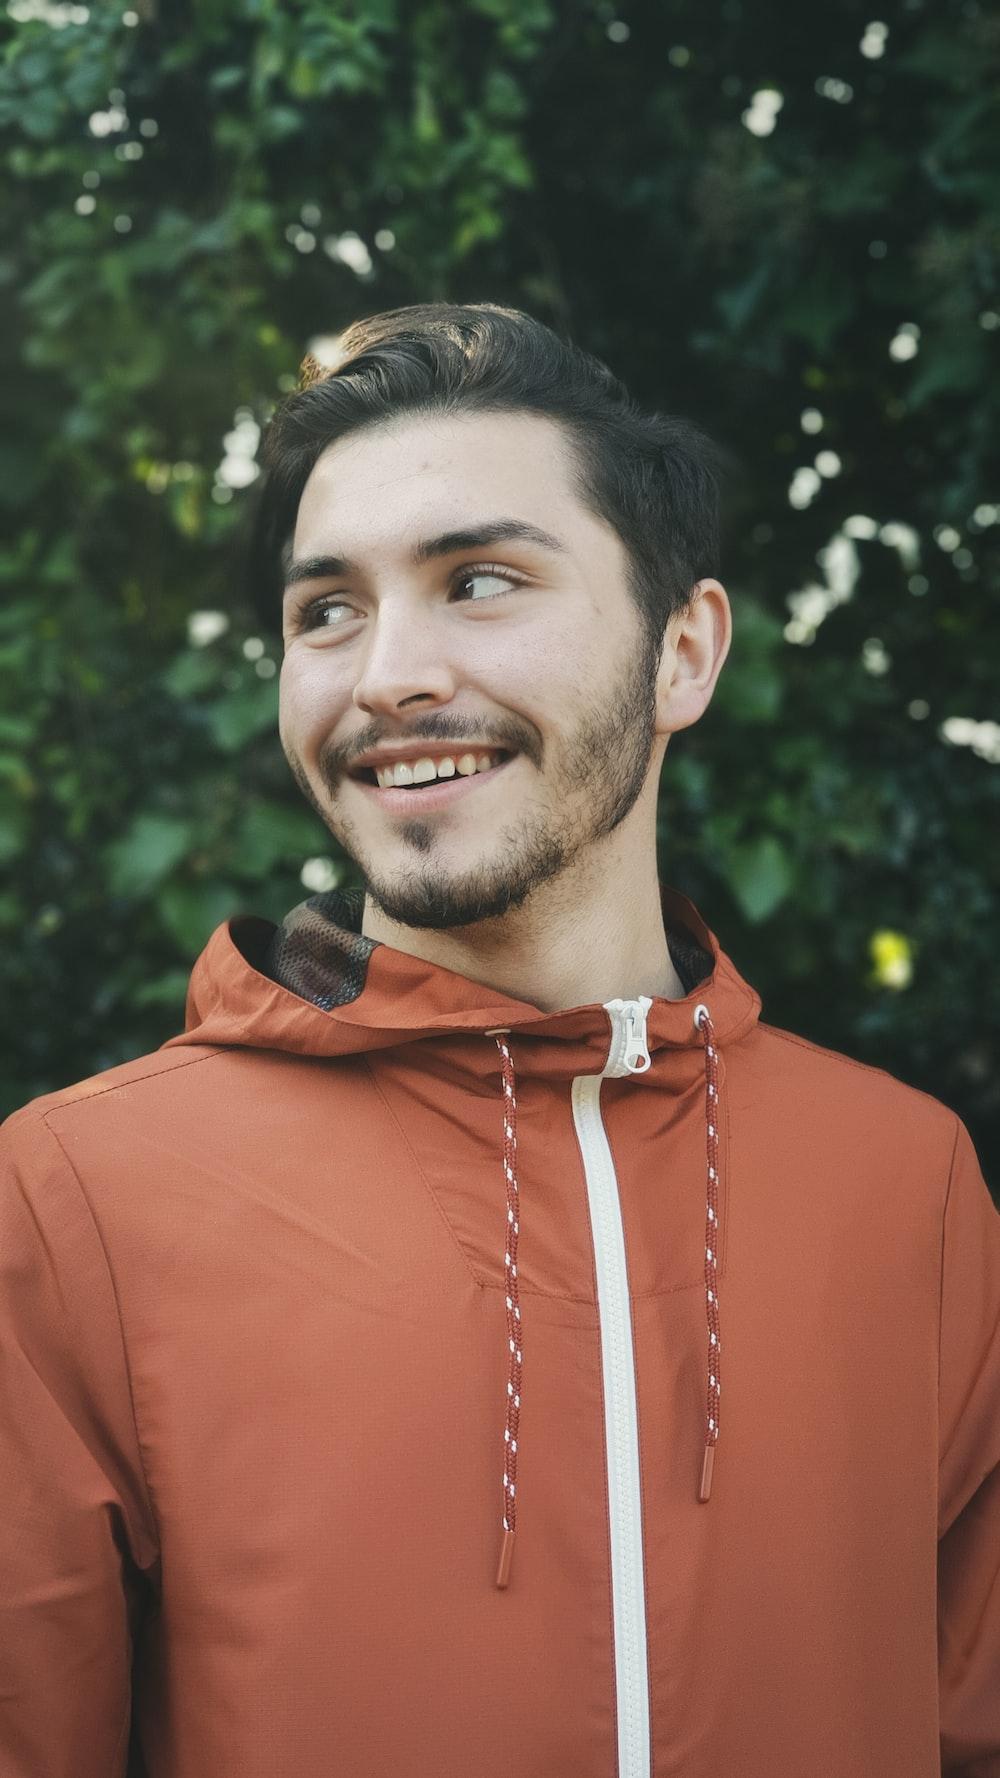 man in red hoodie smiling